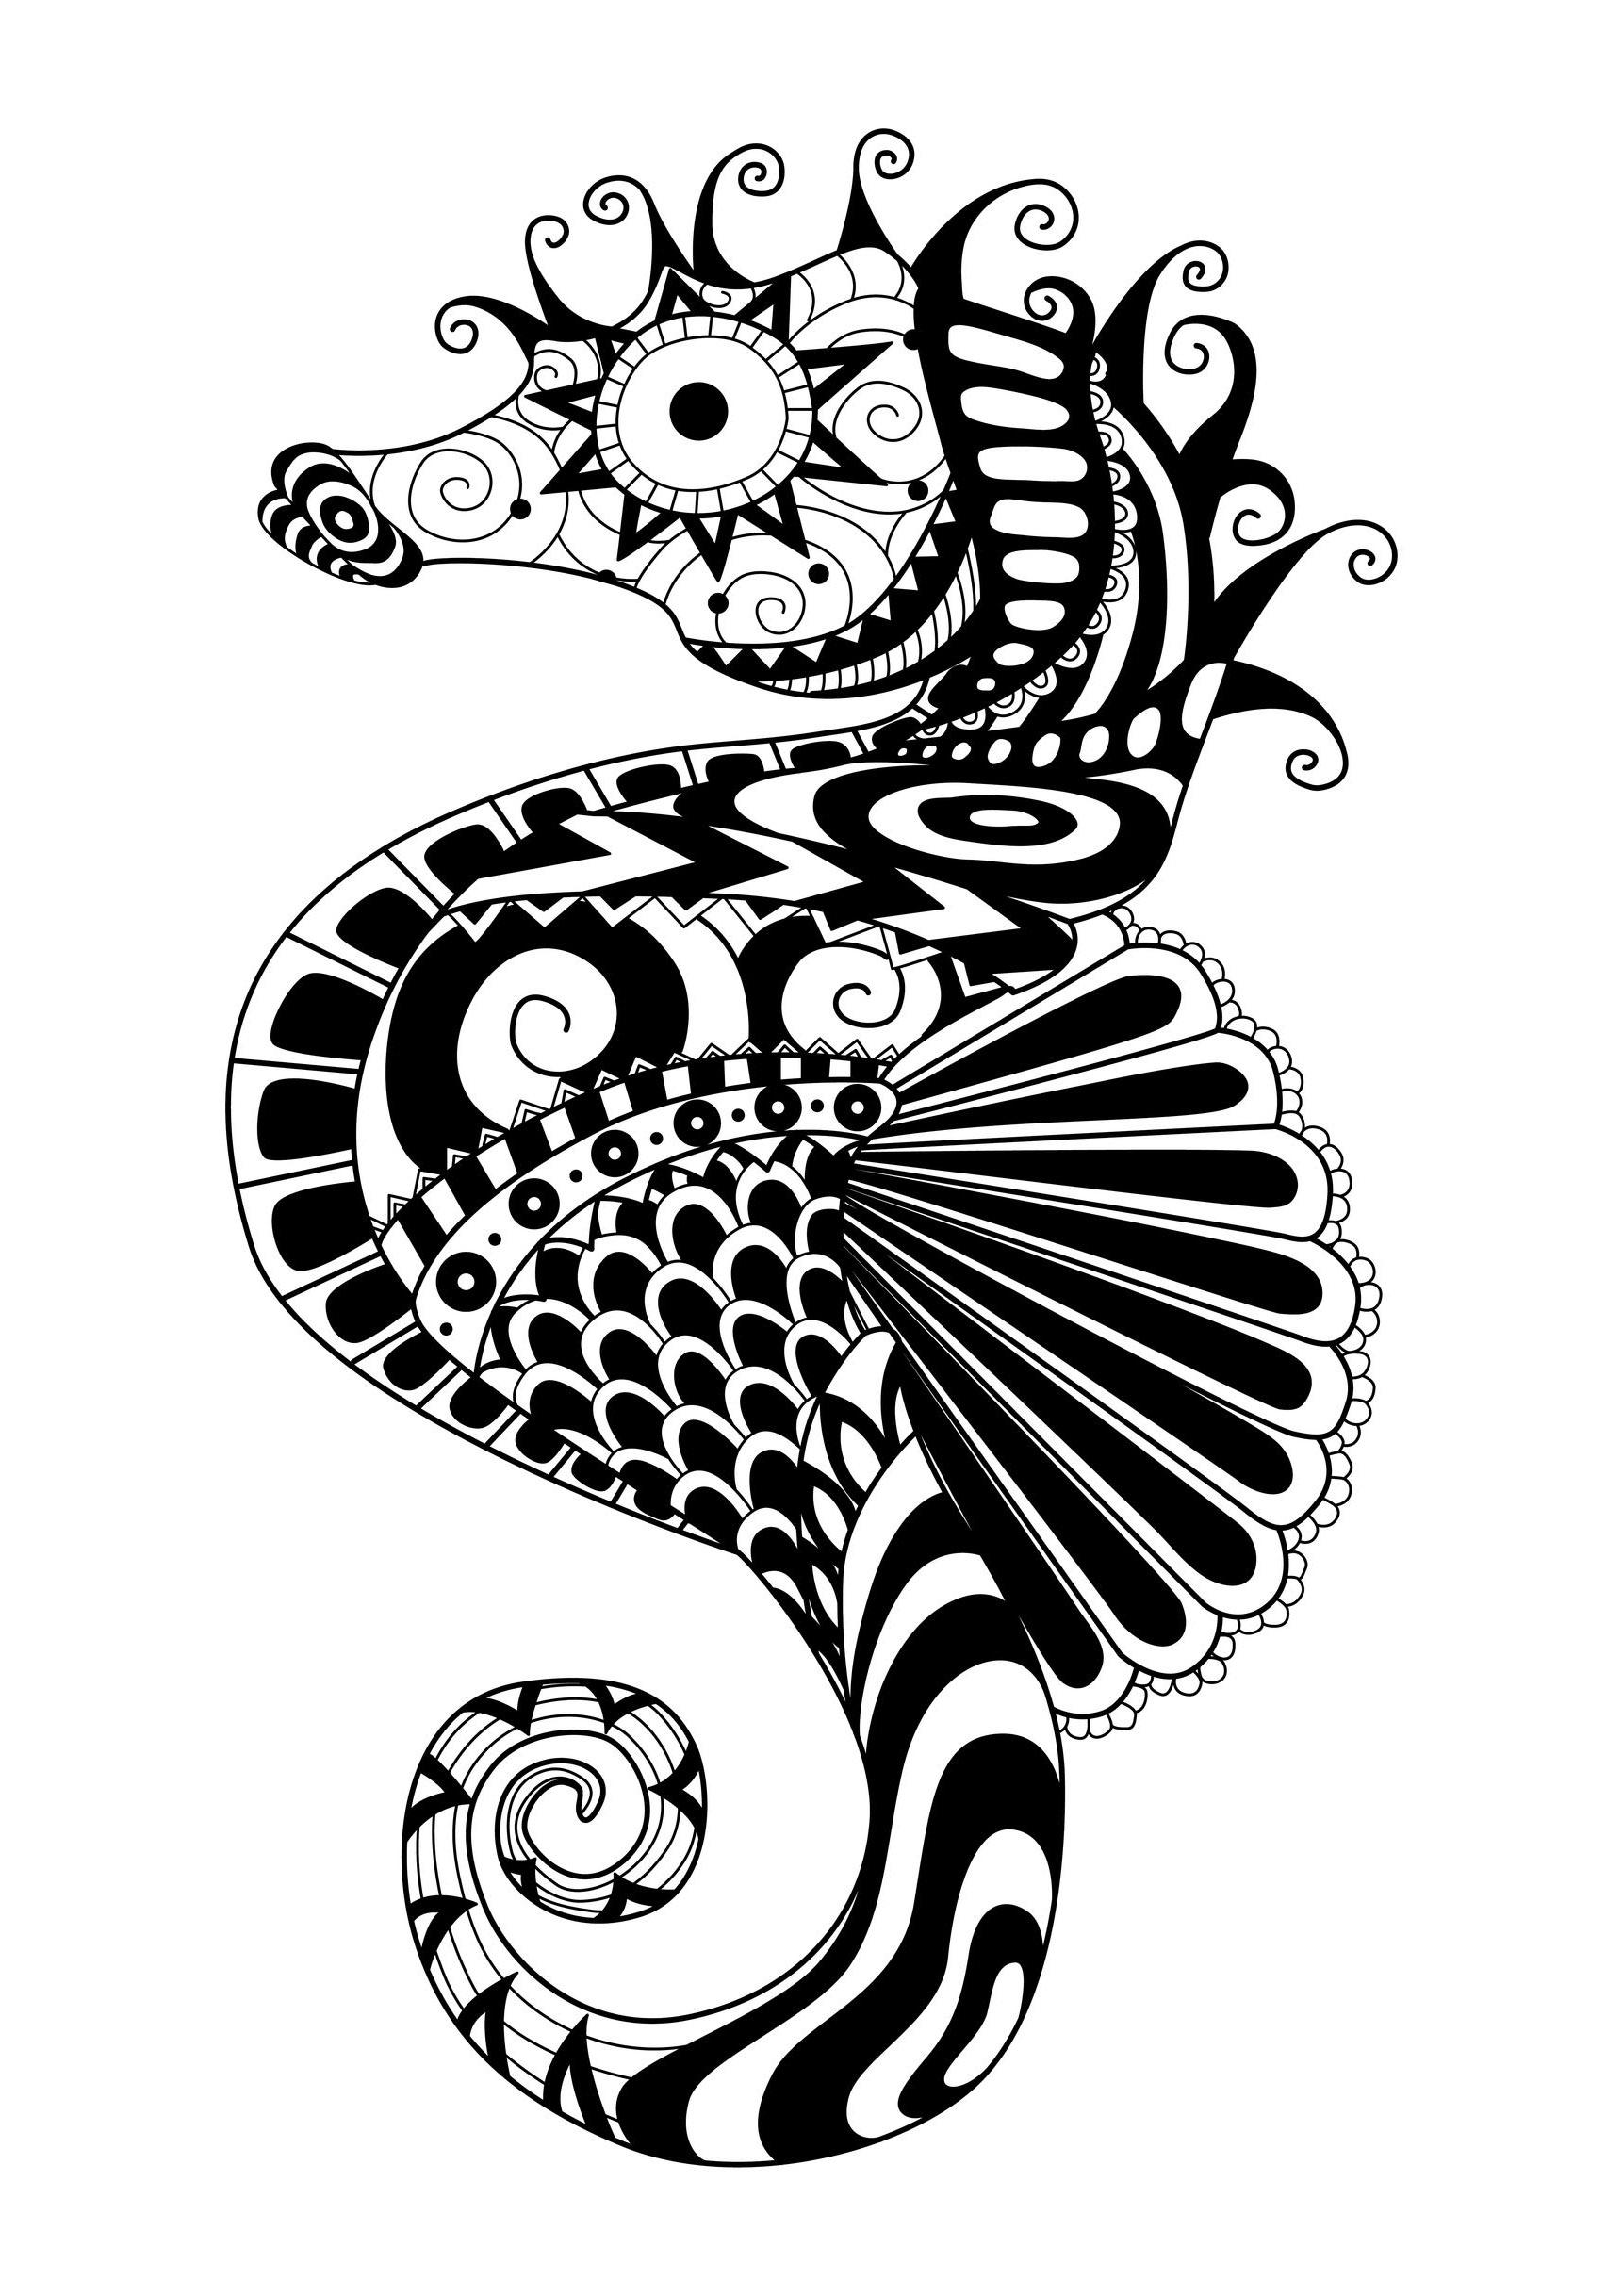 Zentangle Sea Horse - Zentangle Adult Coloring Pages pour Coloriage Simple À Imprimer